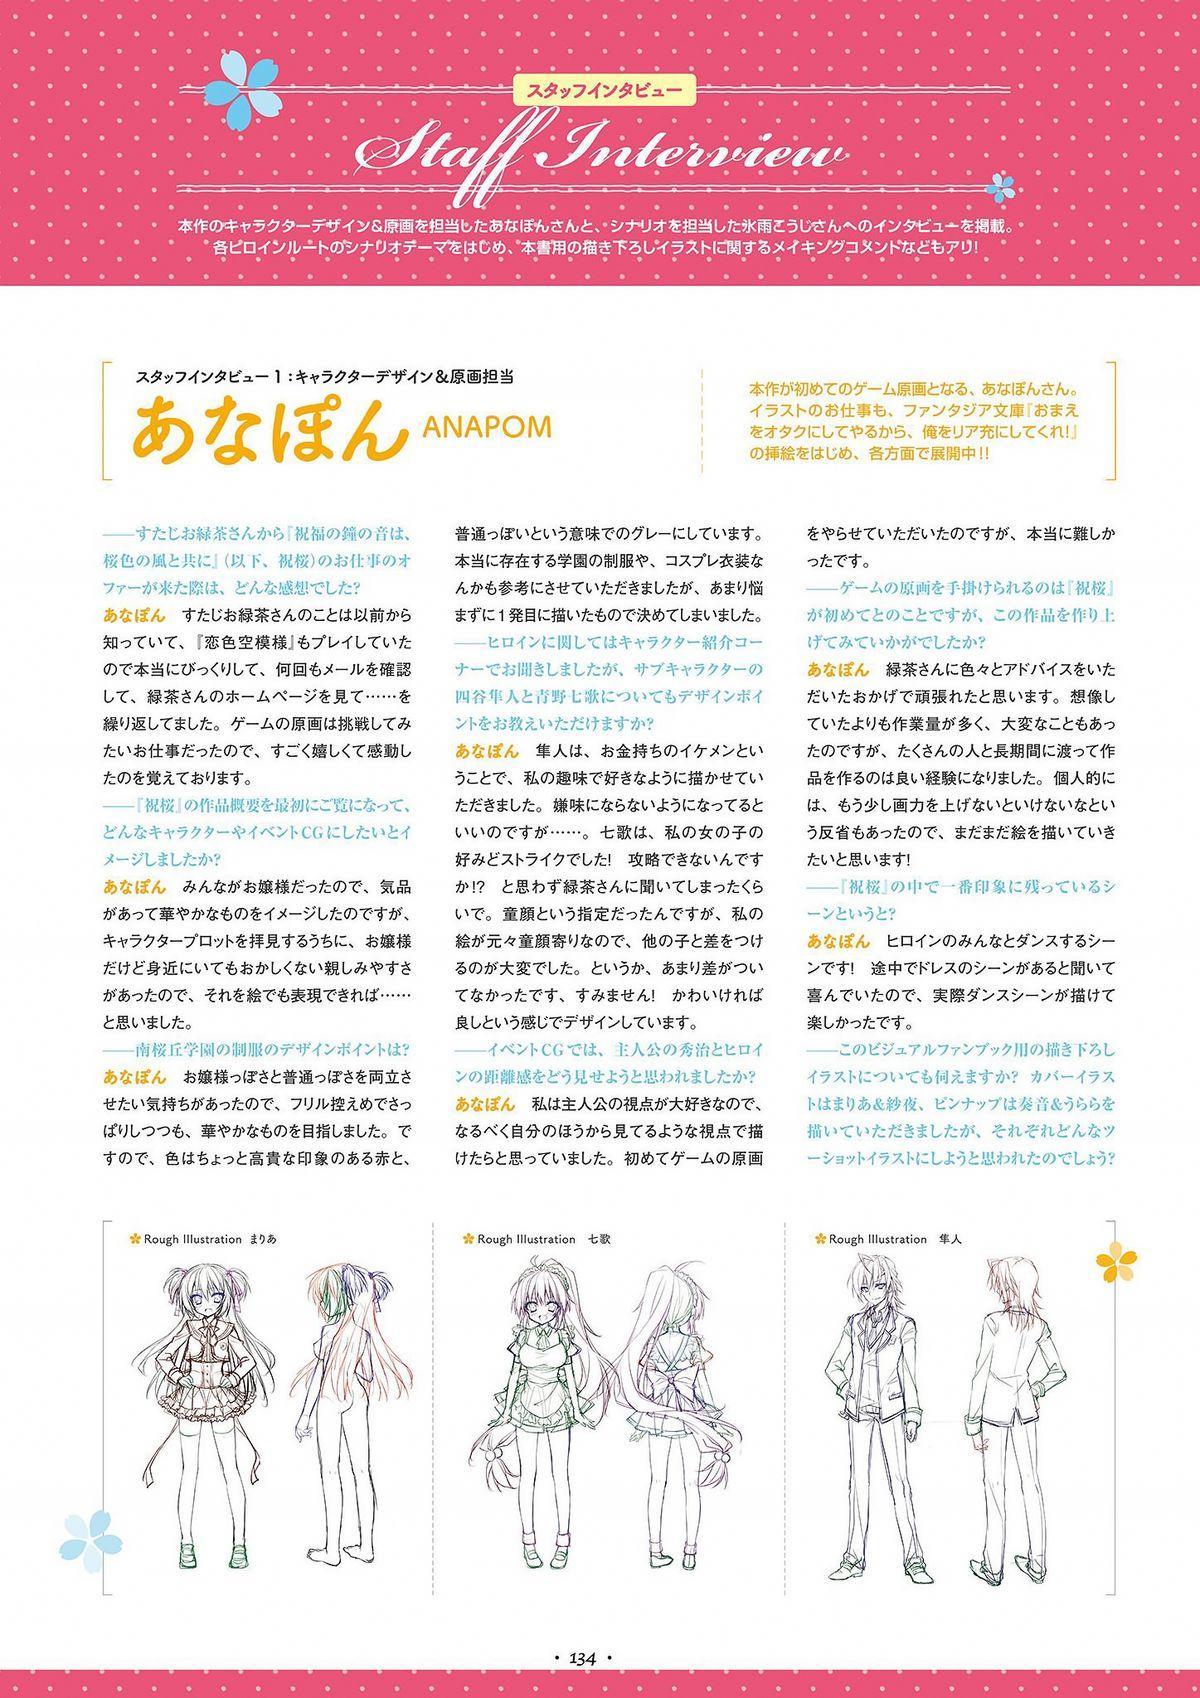 Shukufuku no Kane no Oto wa, Sakura-iro no Kaze to Tomo ni Visual Fanbook 131